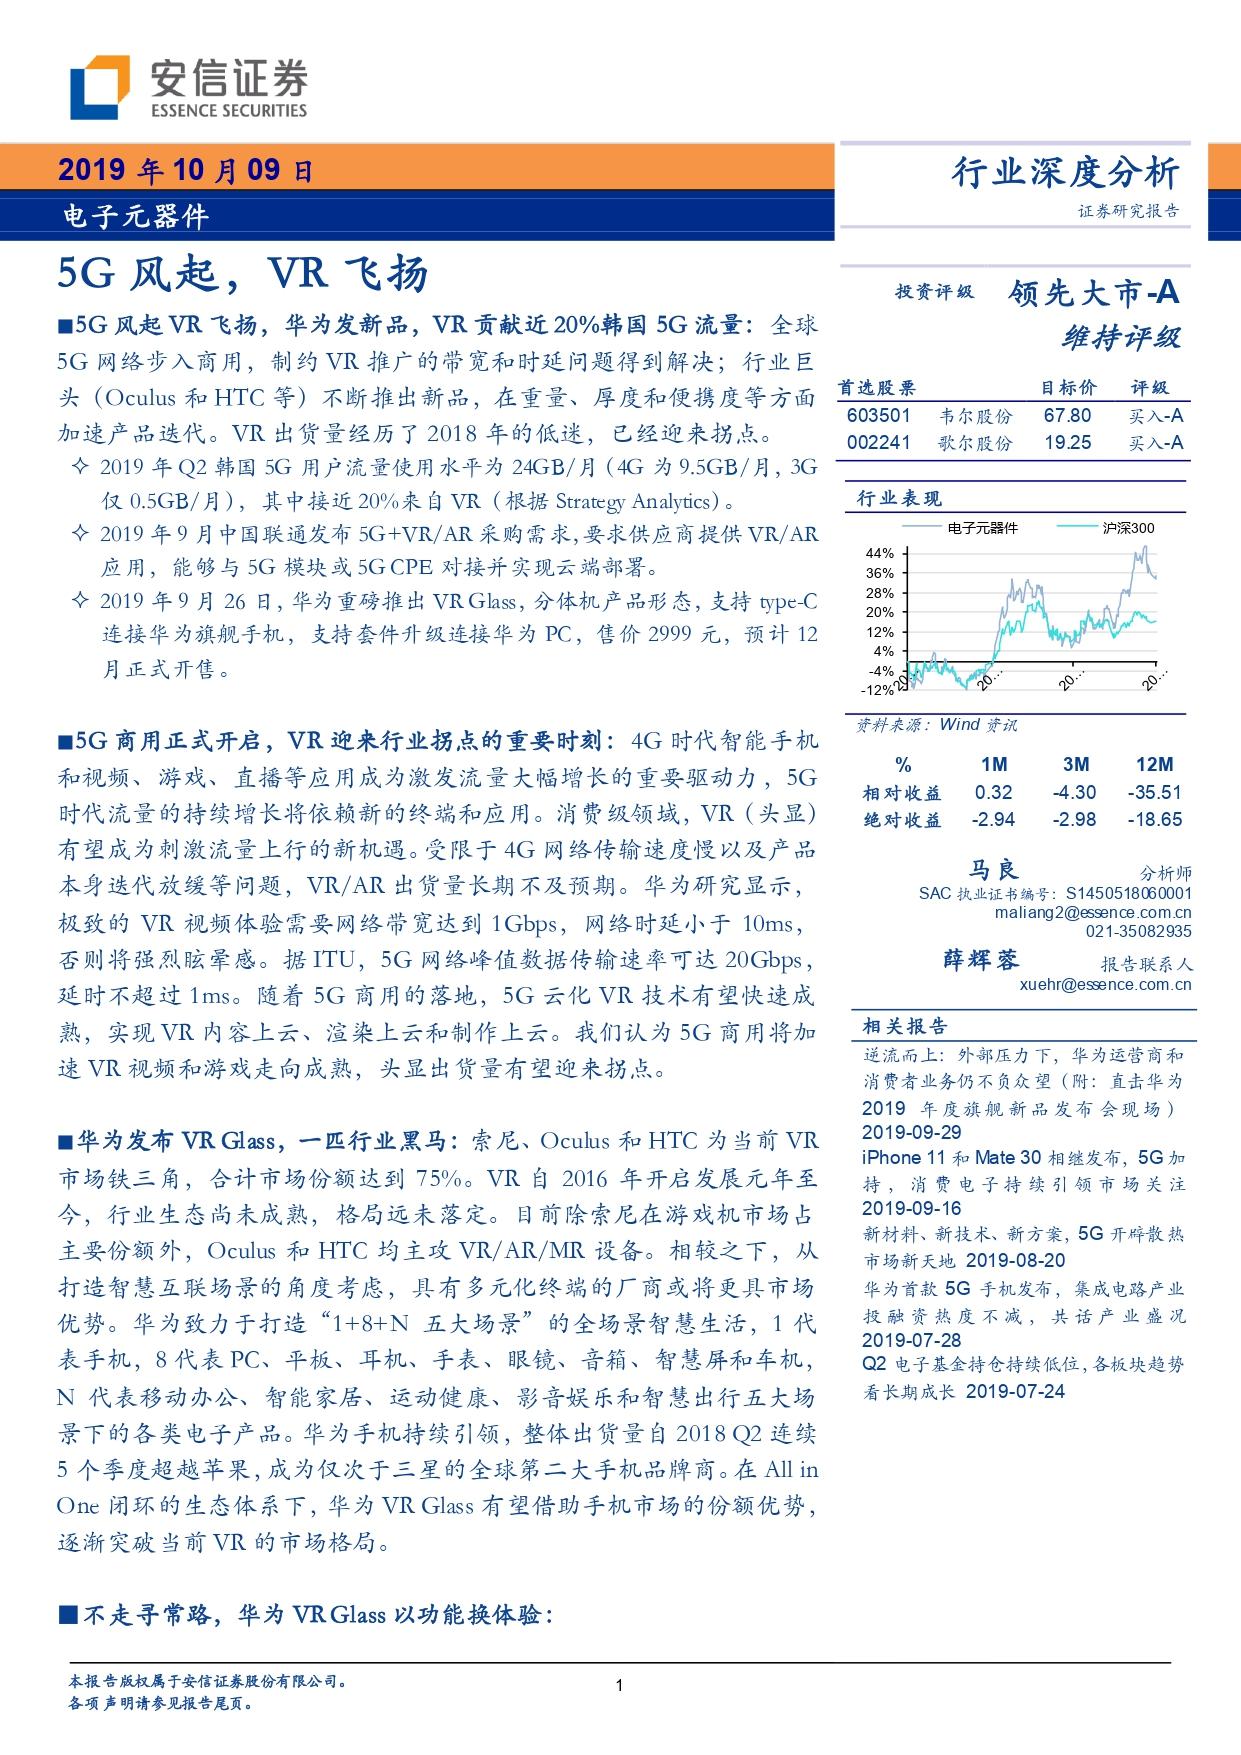 安信证券报告:5G风气 VR飞扬